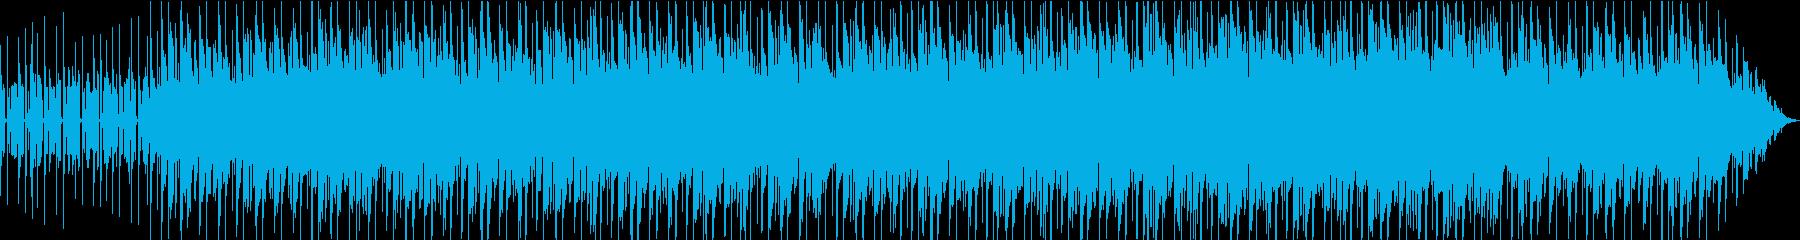 シンプルでゆったり爽やかな曲の再生済みの波形